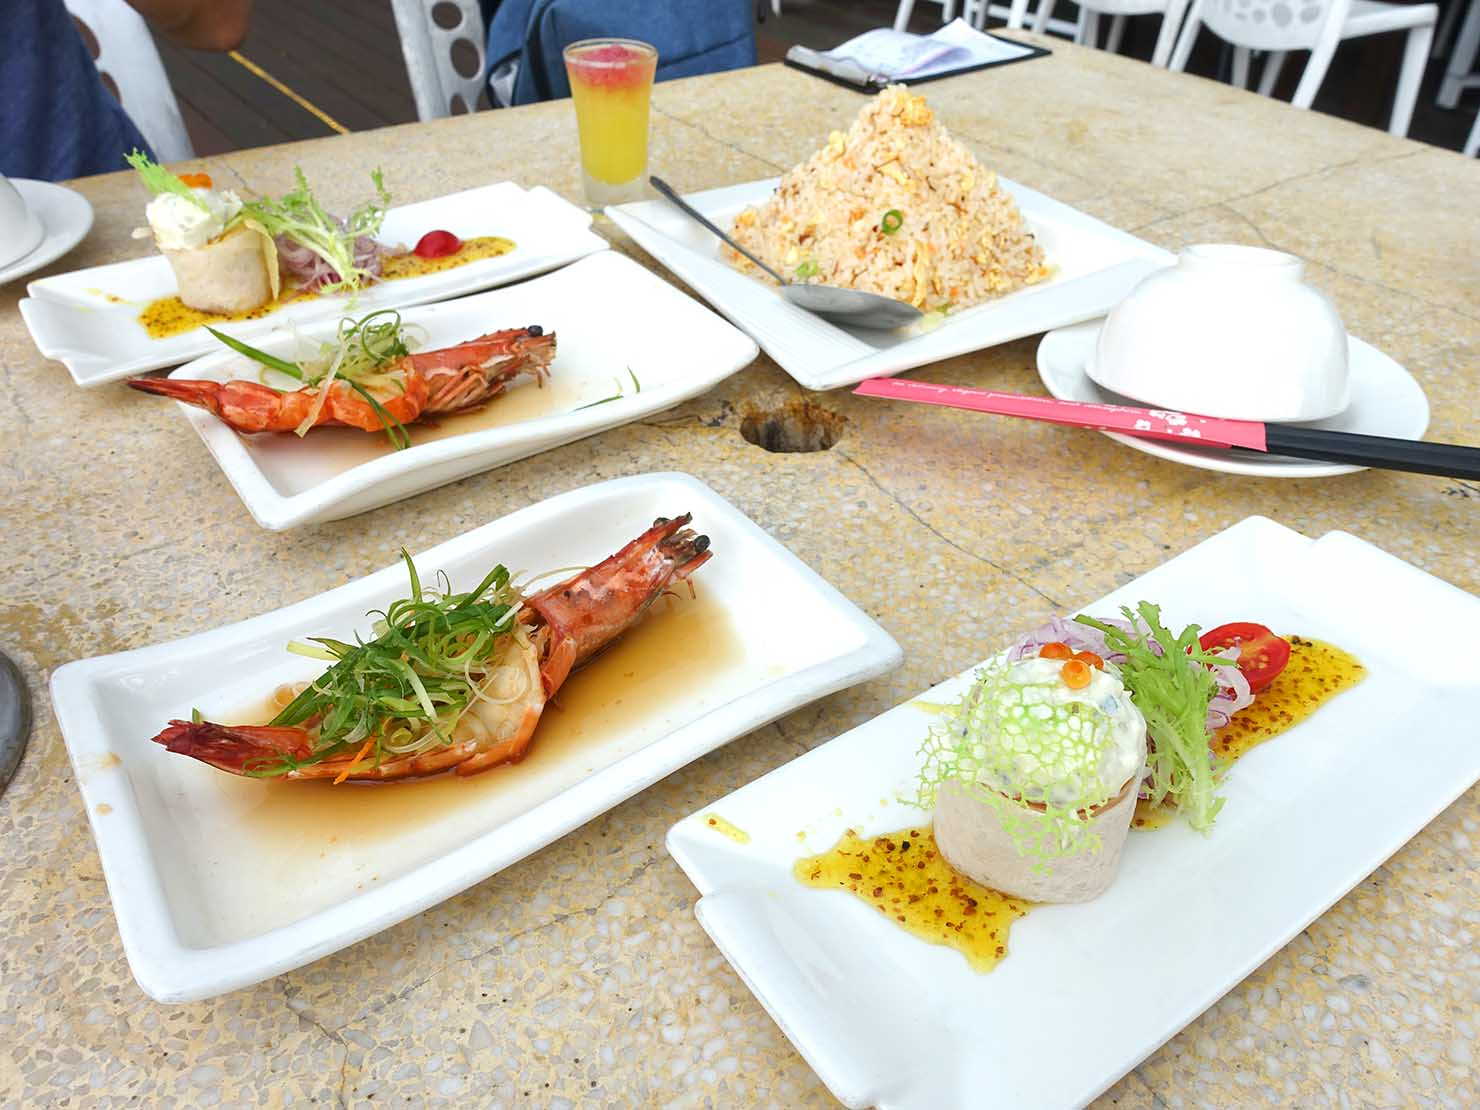 台北・陽明山のレストラン「草山夜未眠」の2人用セットメニューのお料理